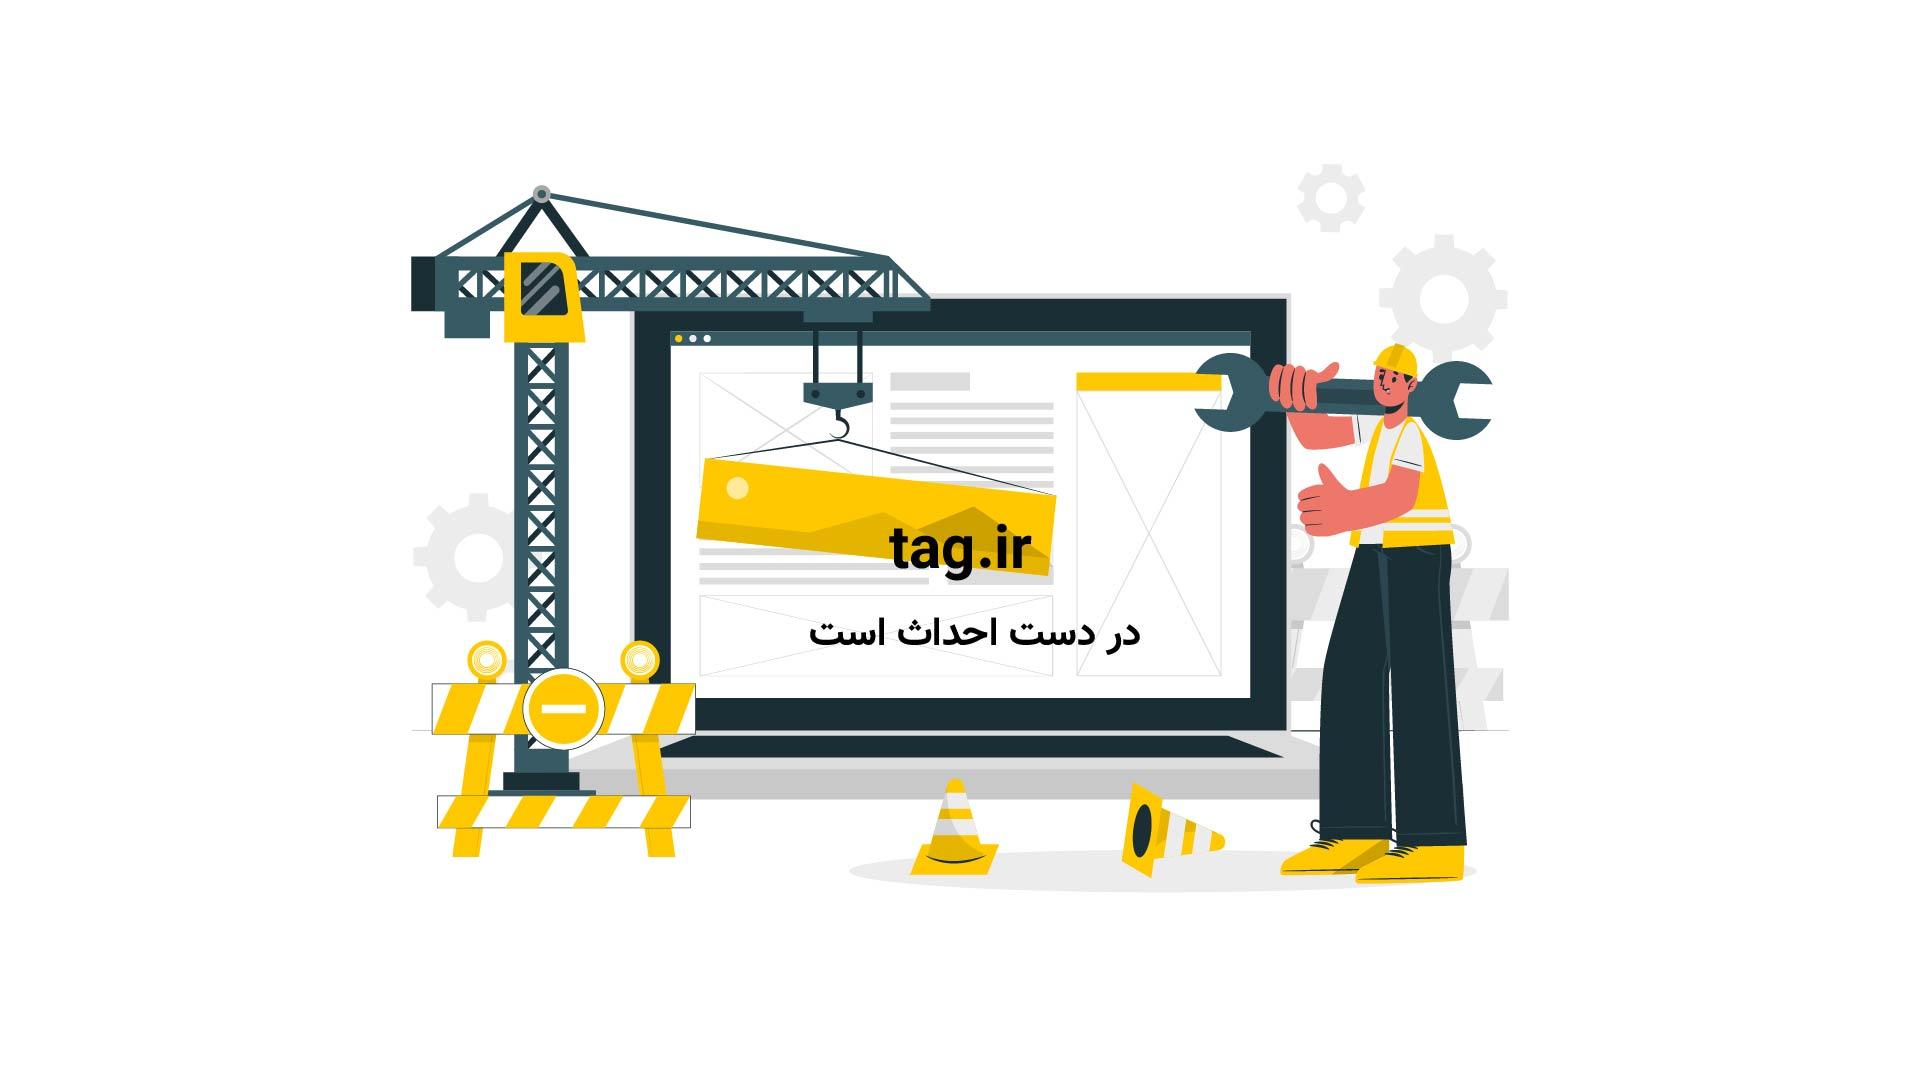 معرفی بازی سرگرم کننده موبایل خرس بوشیدو | فیلم